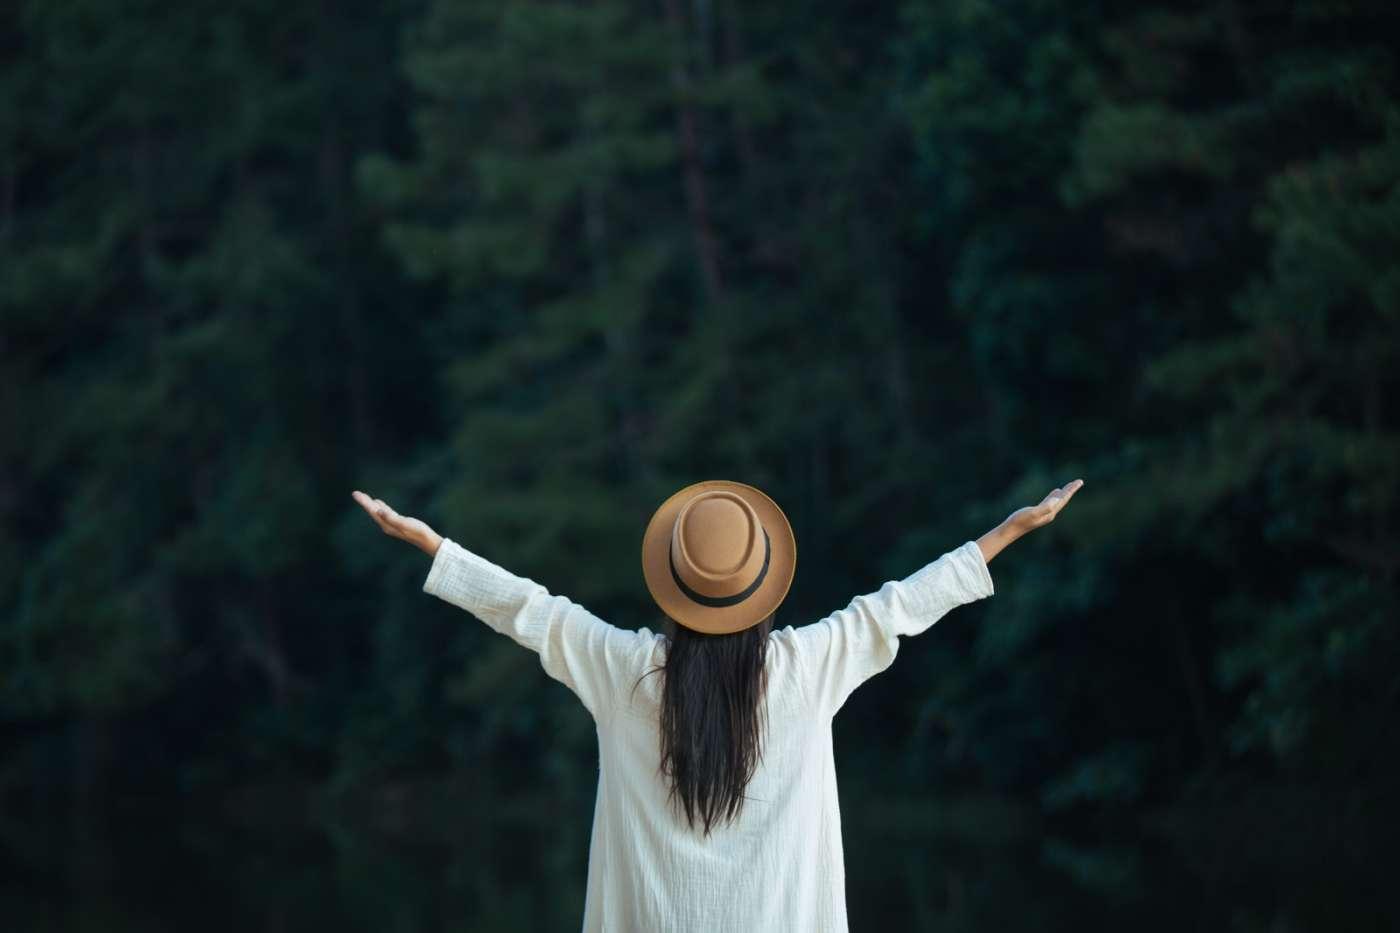 kobieta szczęśliwa-hedonizm czym jest